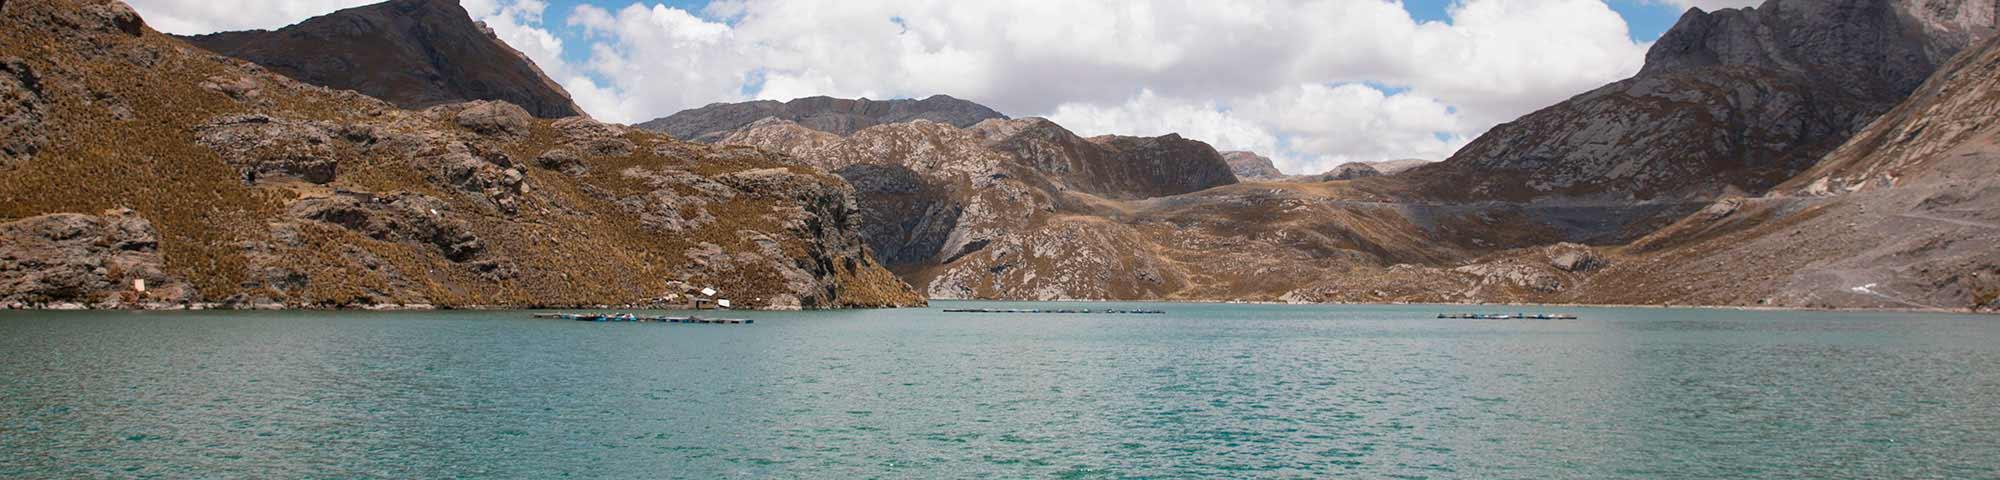 Laguna Chuchún